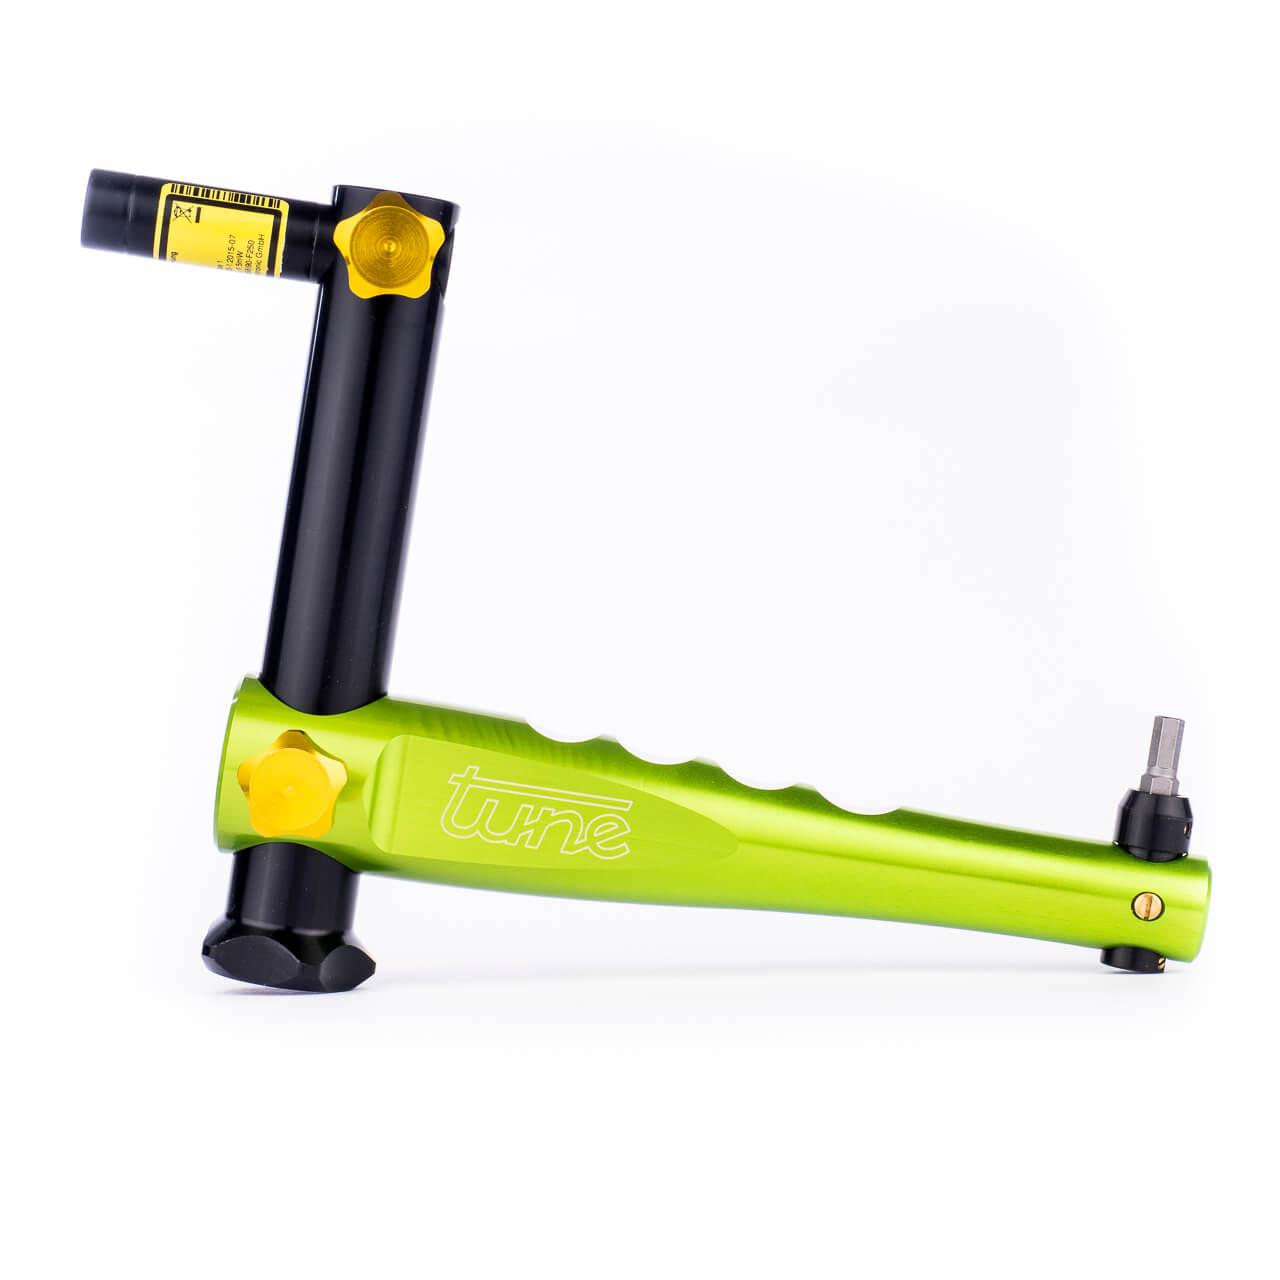 Tune Linientreu - Laser-Einstellwerkzeug für Schaltwerke